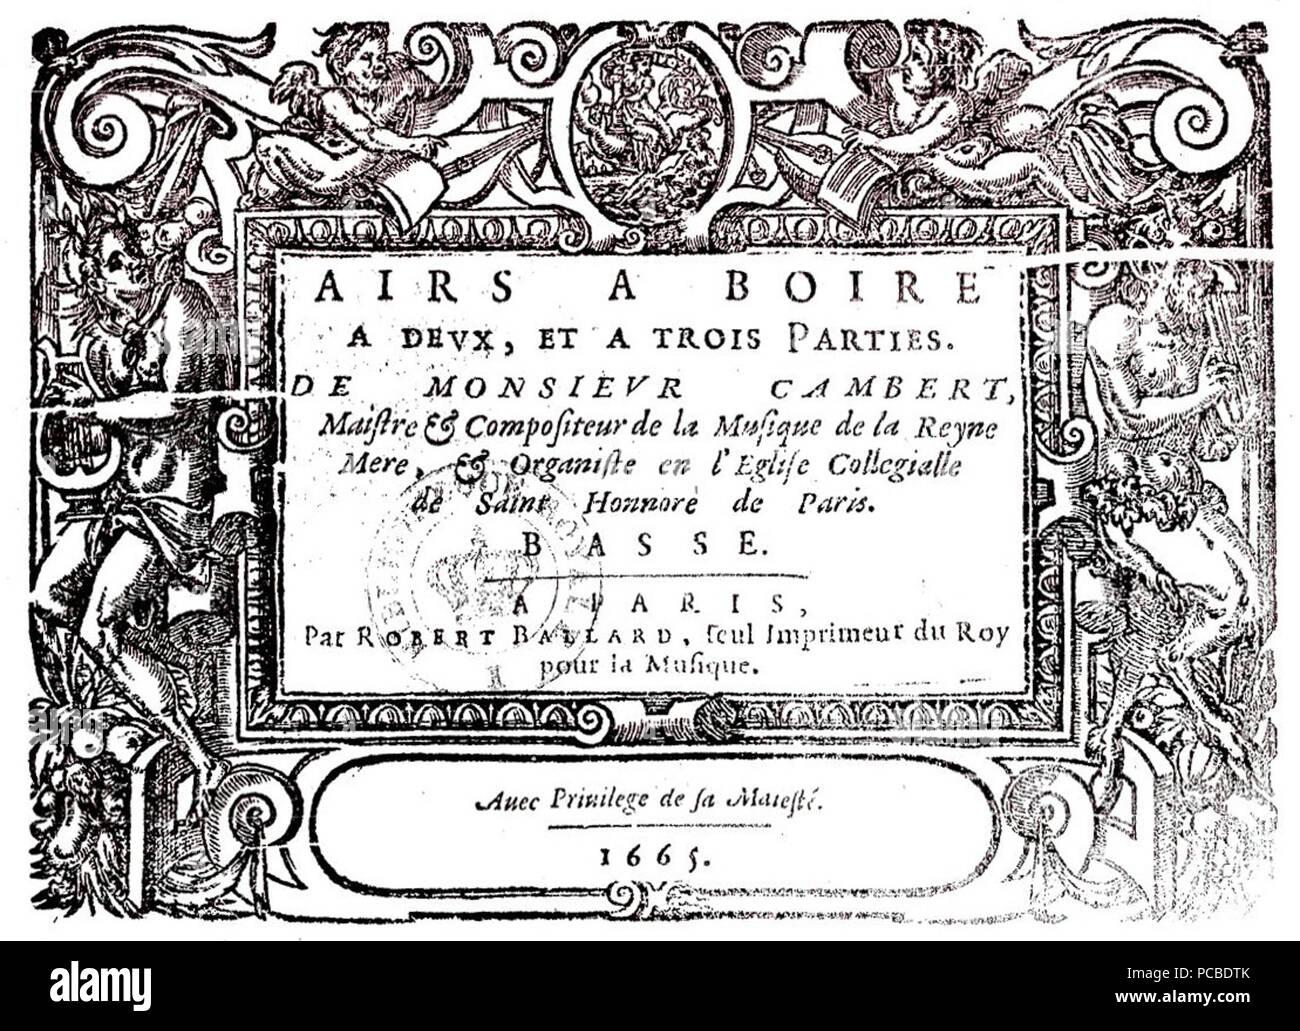 109 Cambert - Airs 1665 - Stock Image